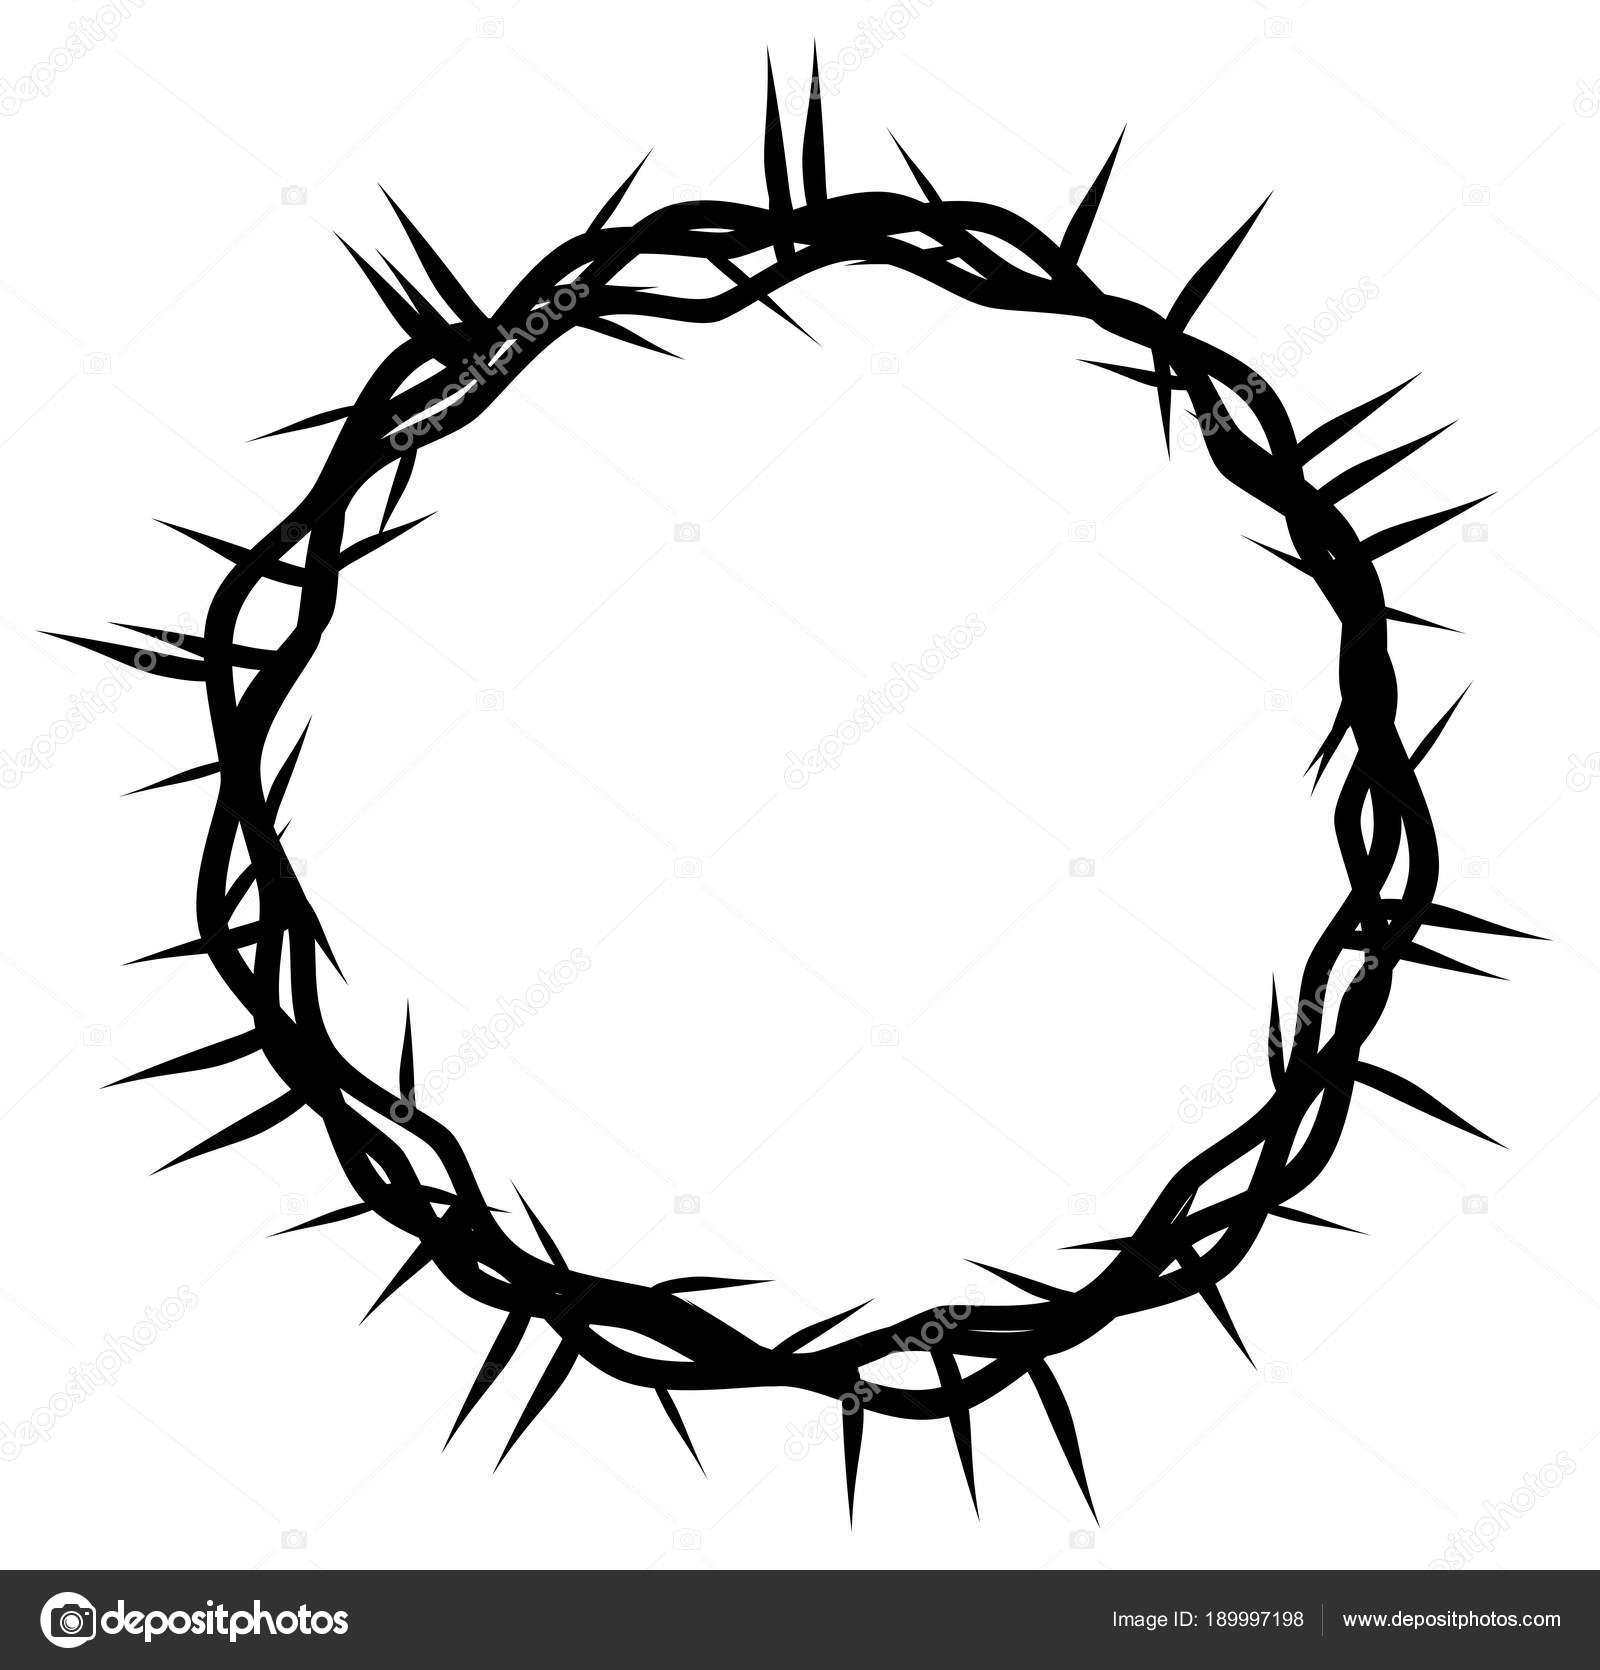 Imágenes Corona De Espinas Dibujo Corona Espinas Símbolo